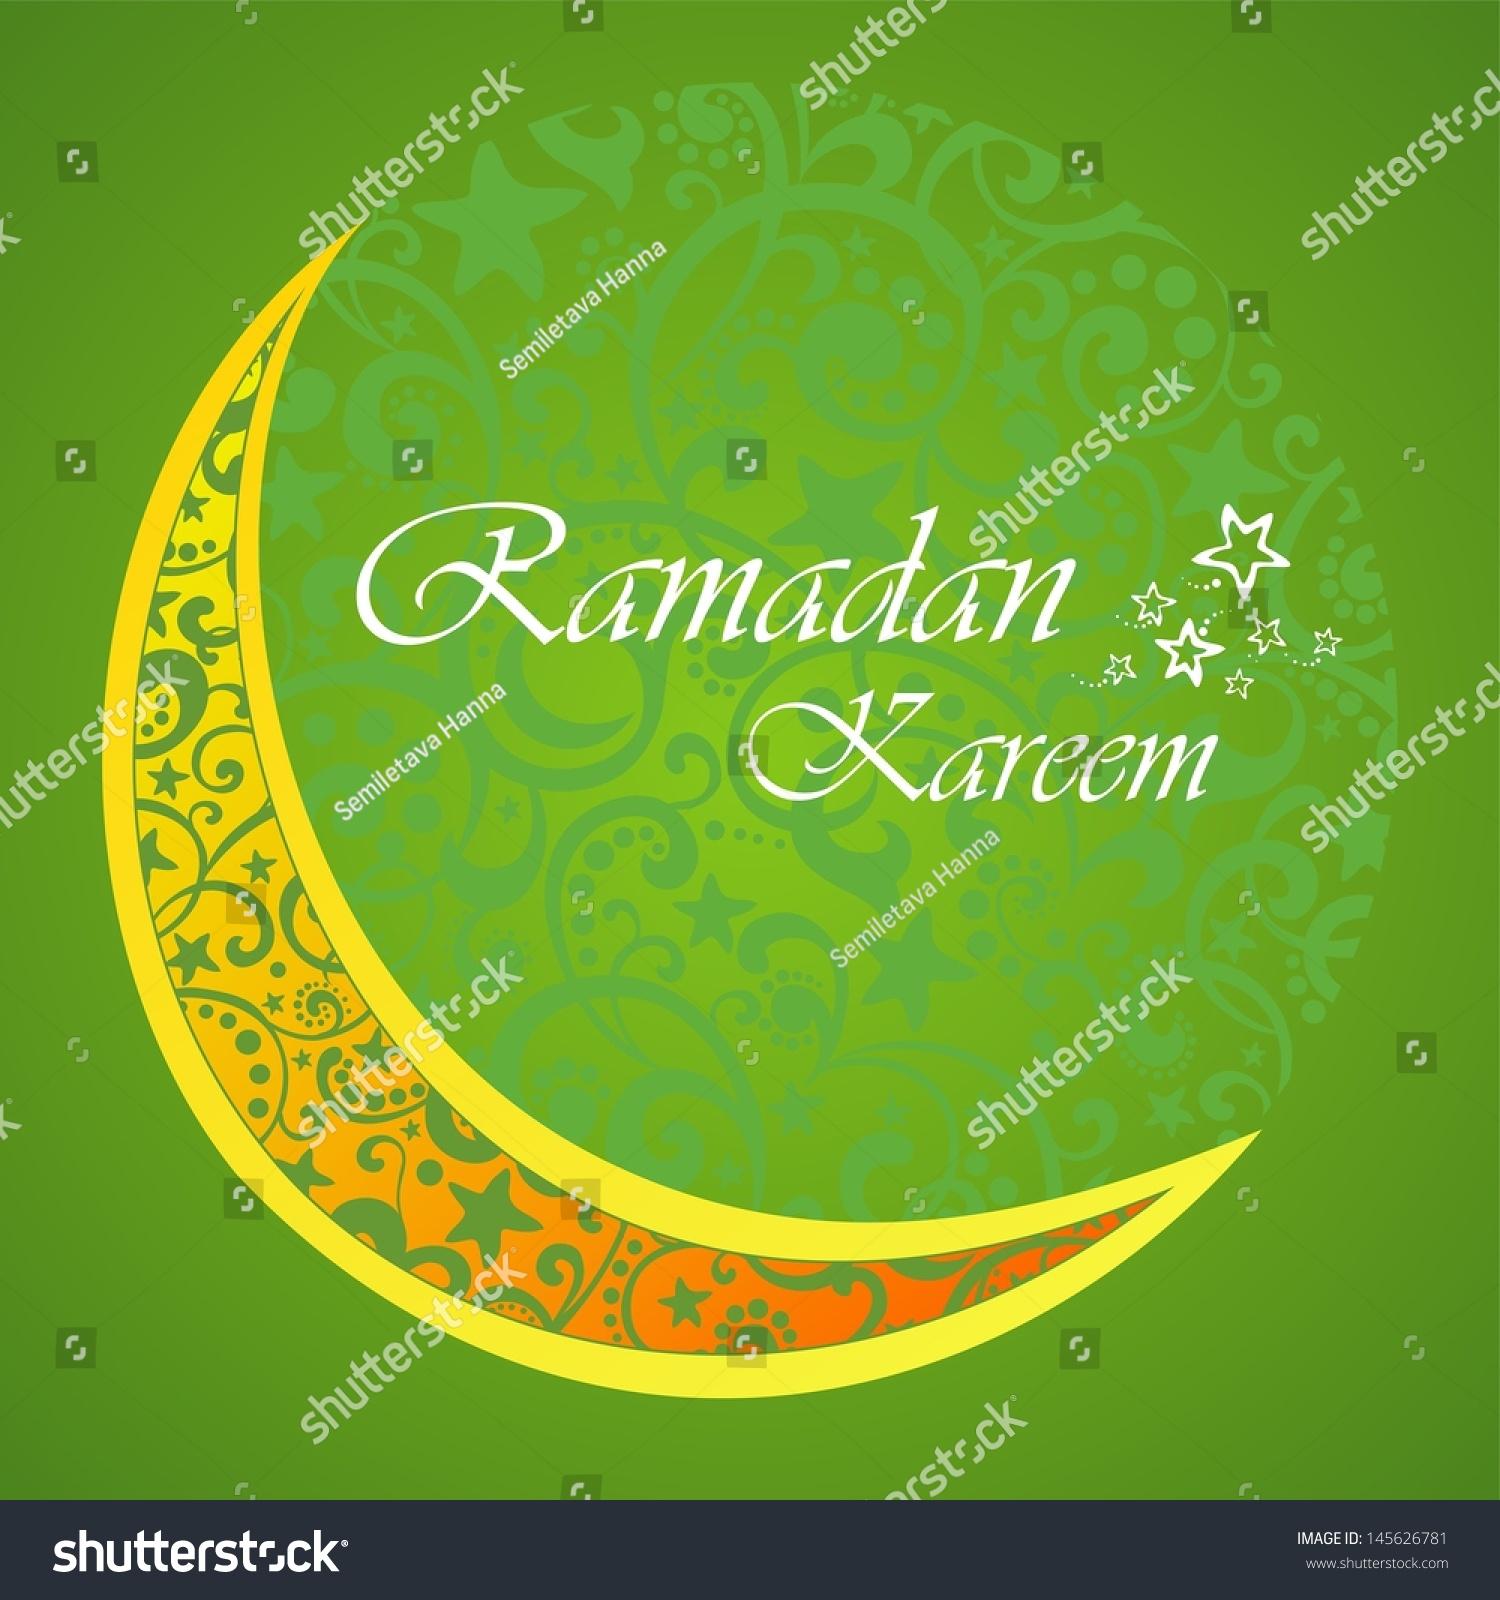 Ramadan greetings arabic script islamic greeting stock illustration ramadan greetings in arabic script an islamic greeting card for holy month of ramadan kareem kristyandbryce Images